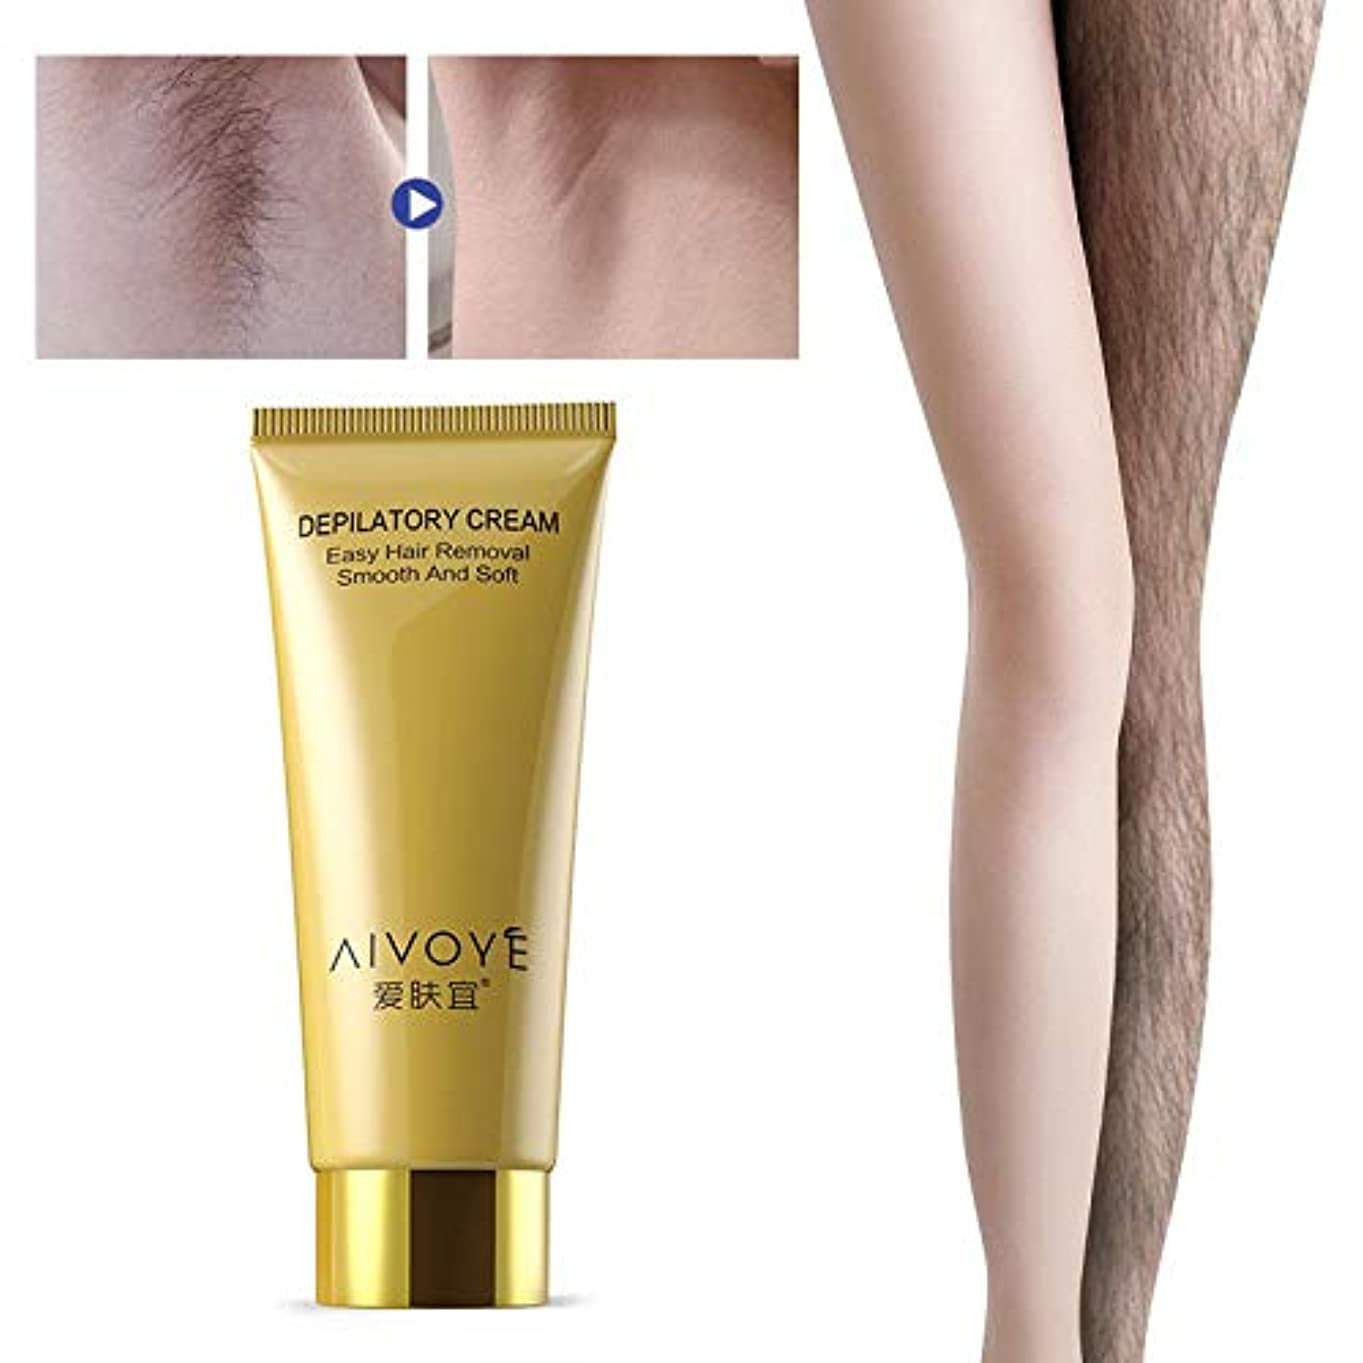 秘書部屋を掃除するピービッシュRabugoo 60g男性女性安全な痛みを抑える脱毛クリーム脚の体のための滑らかな肌の脱毛クリーム